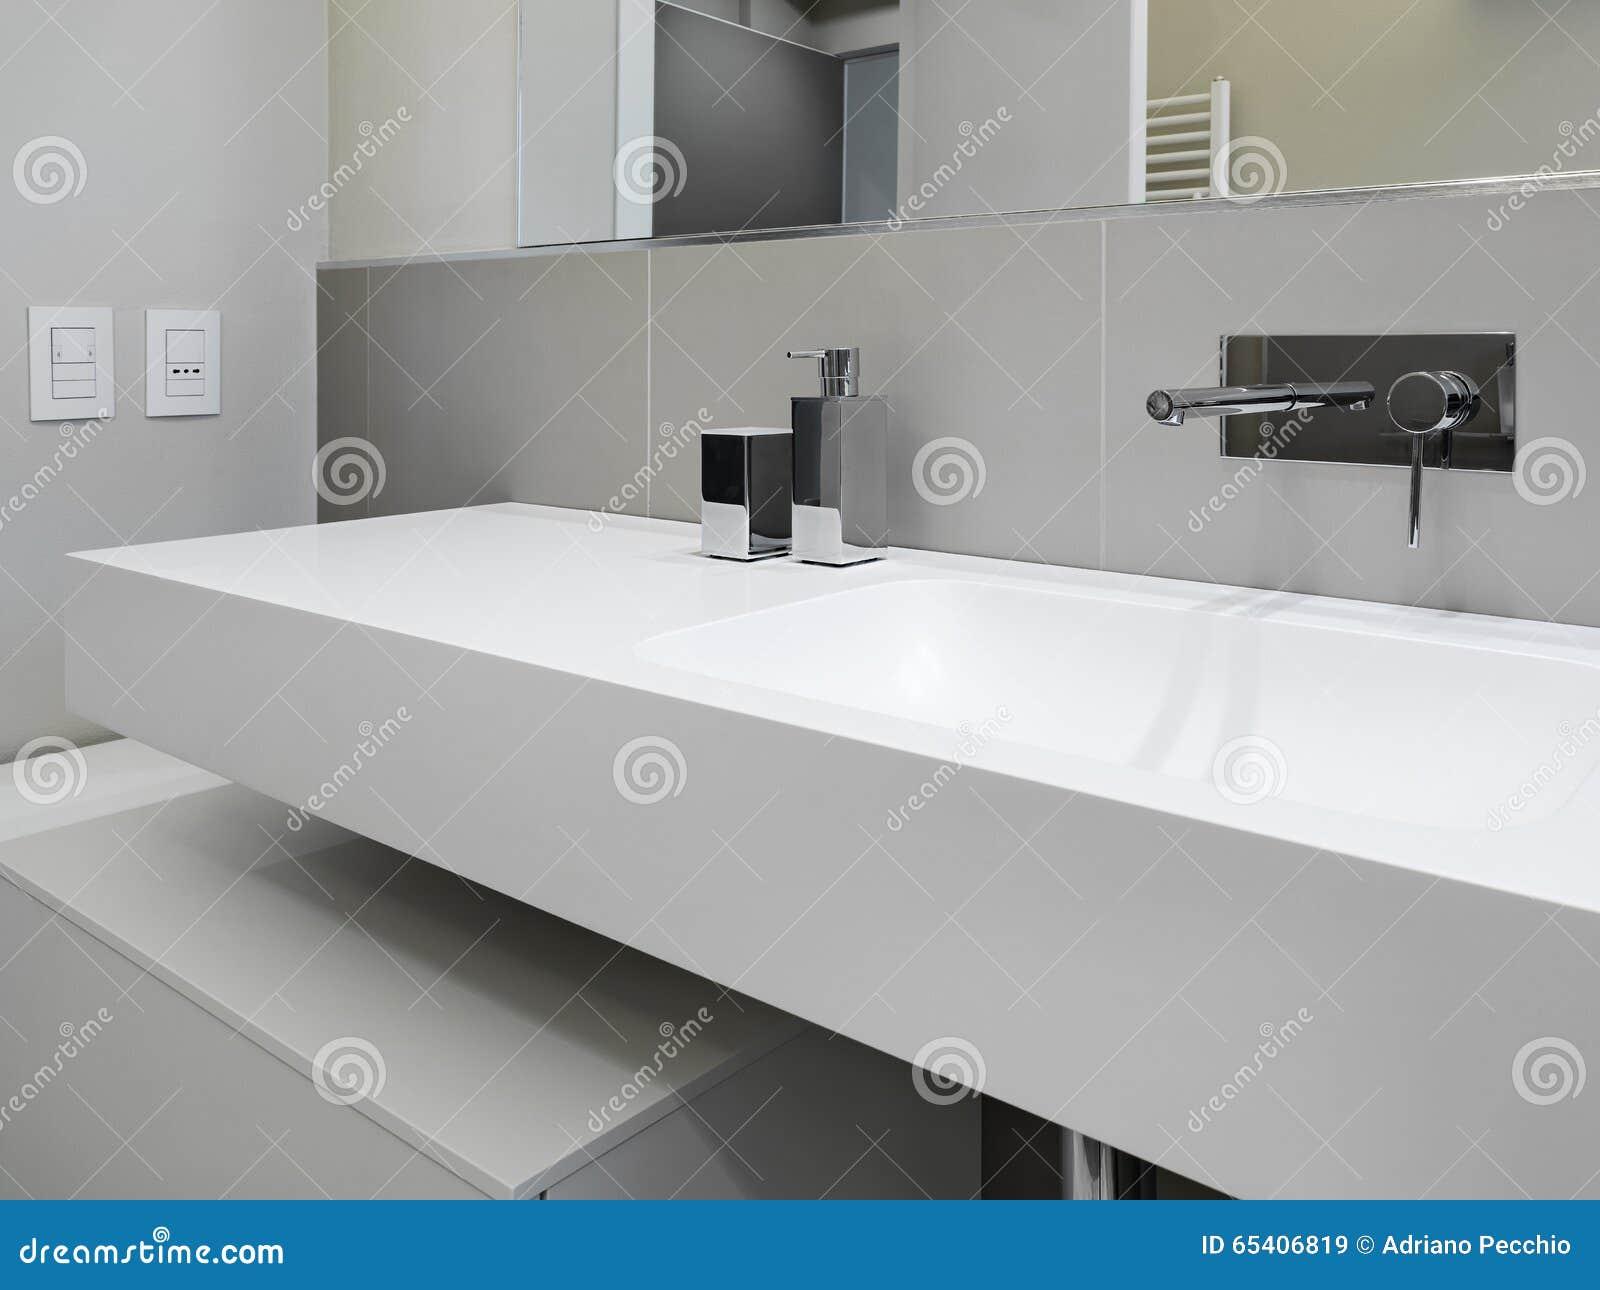 Lavandino bagno for Lavandino bagno moderno